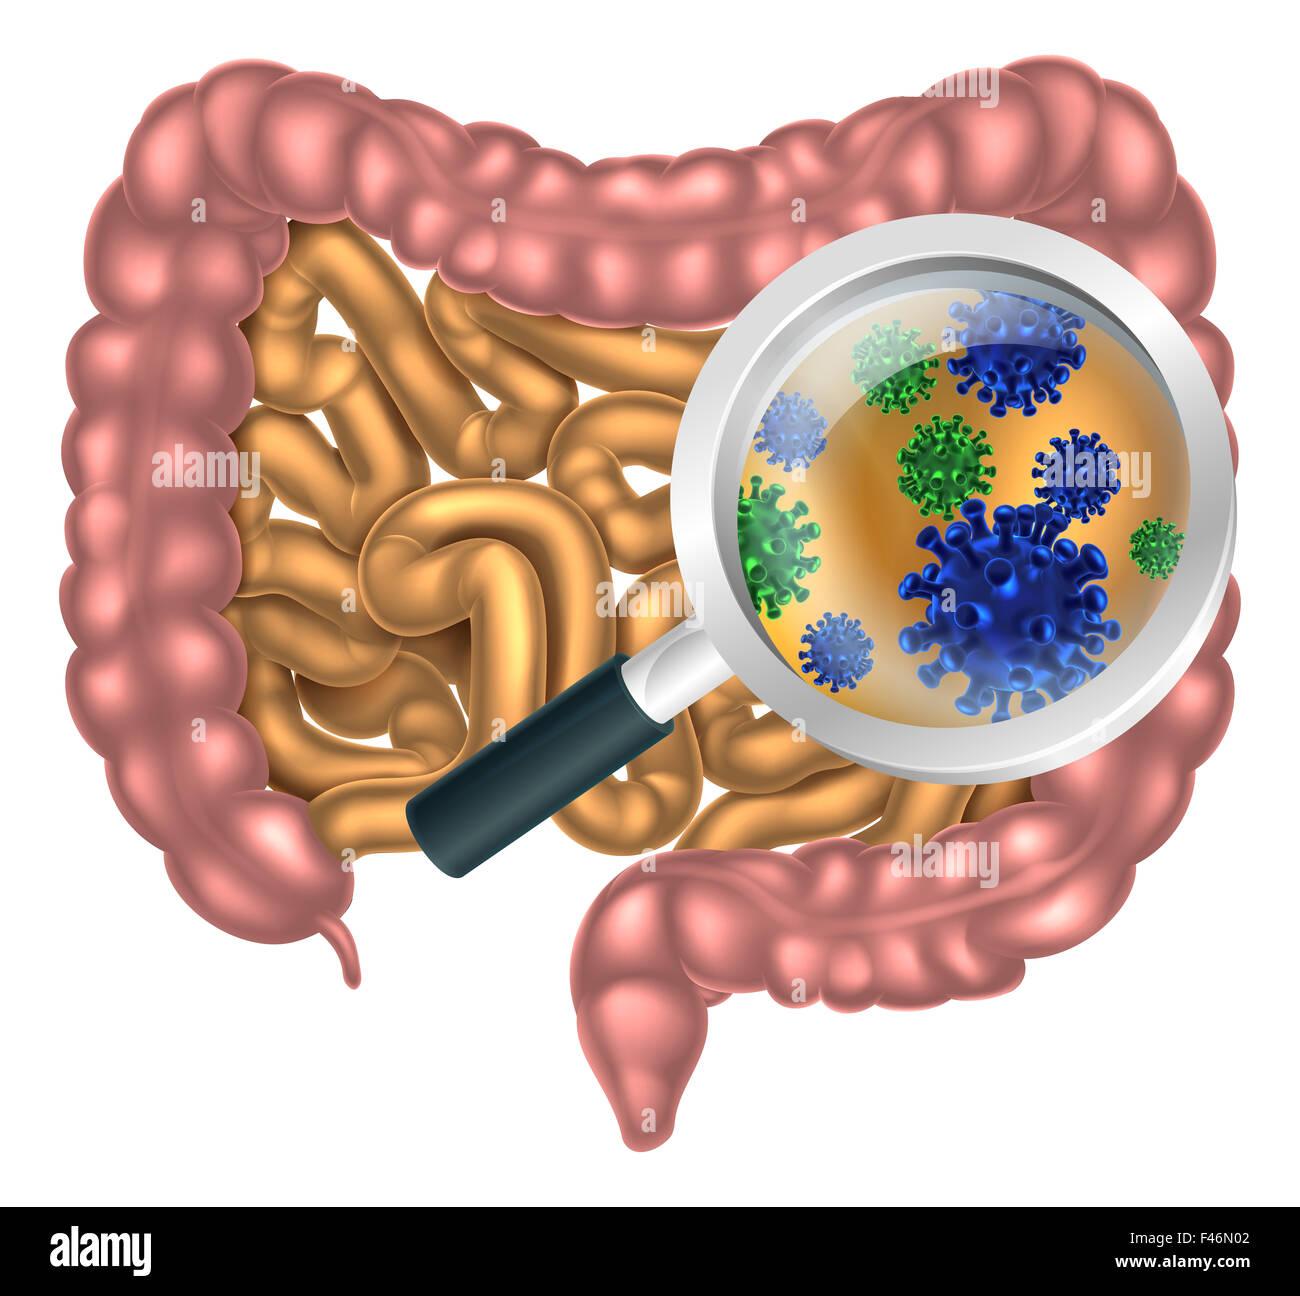 Ungewöhnlich Darm System Zeitgenössisch - Menschliche Anatomie ...